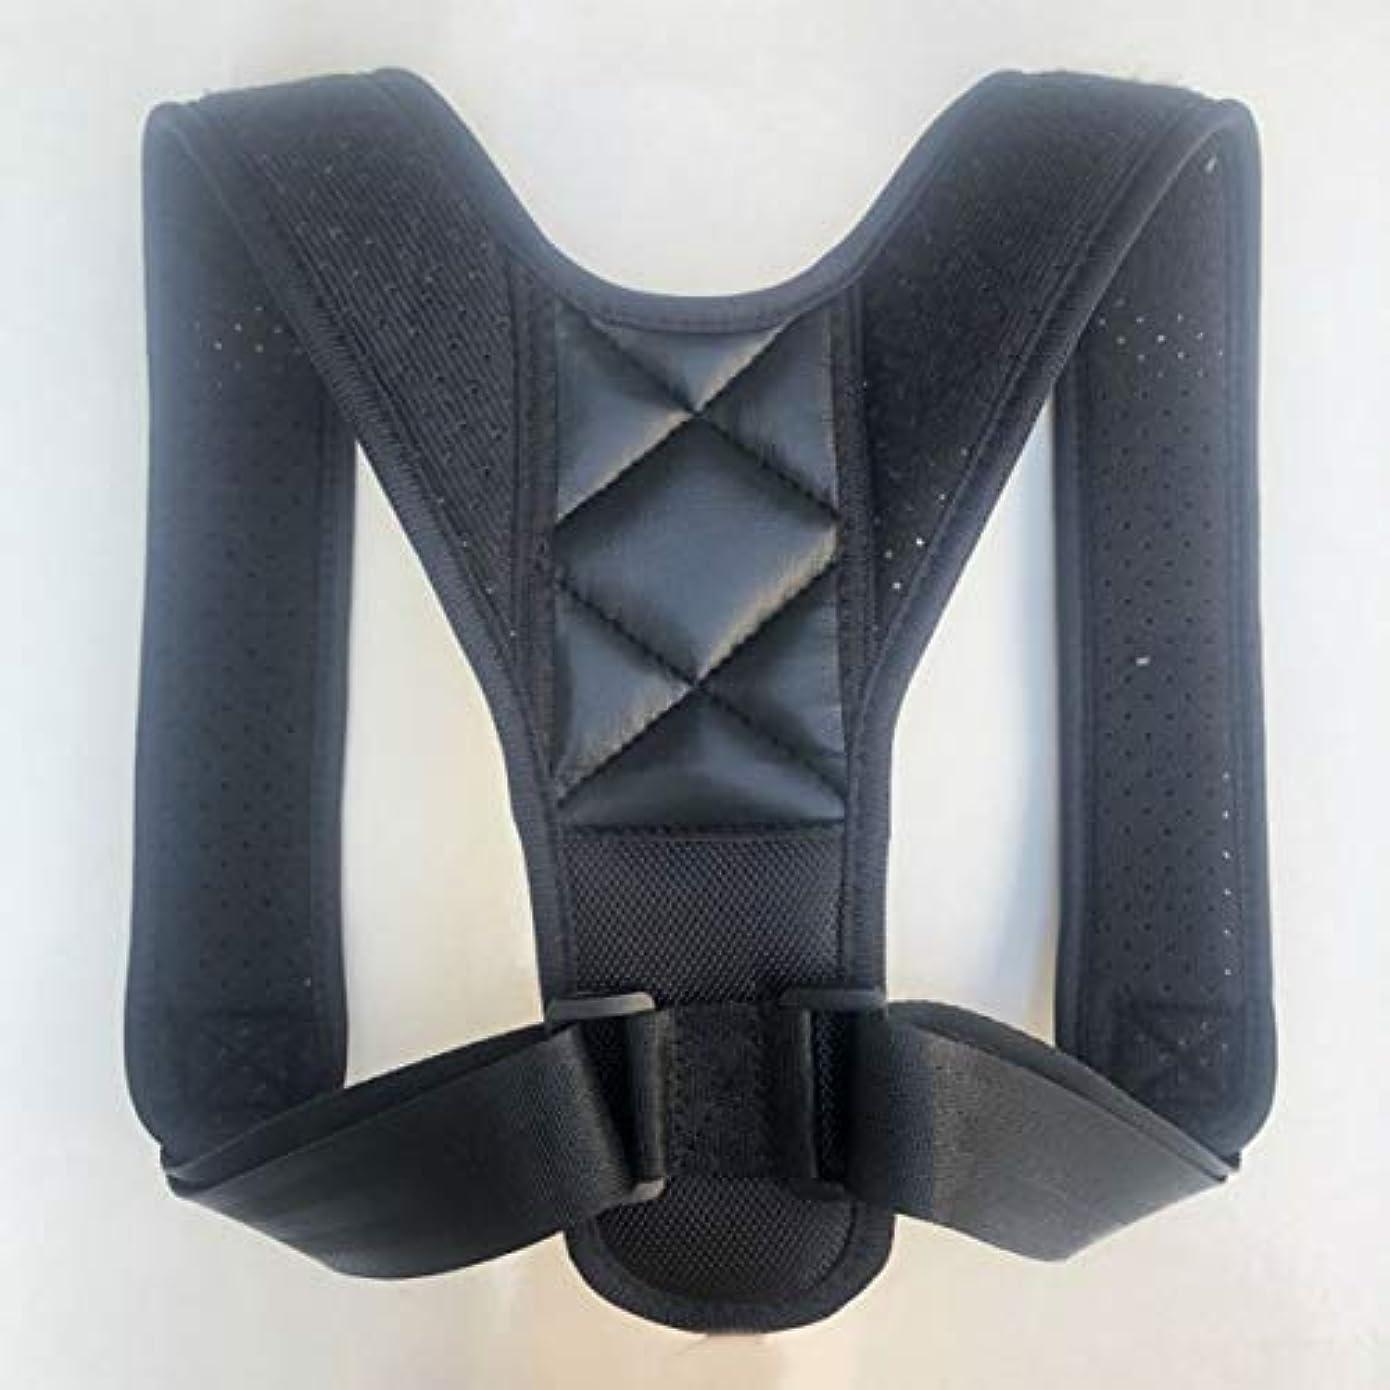 必須夫婦ストリームアッパーバックポスチャーコレクター姿勢鎖骨サポートコレクターバックストレートショルダーブレースストラップコレクター - ブラック